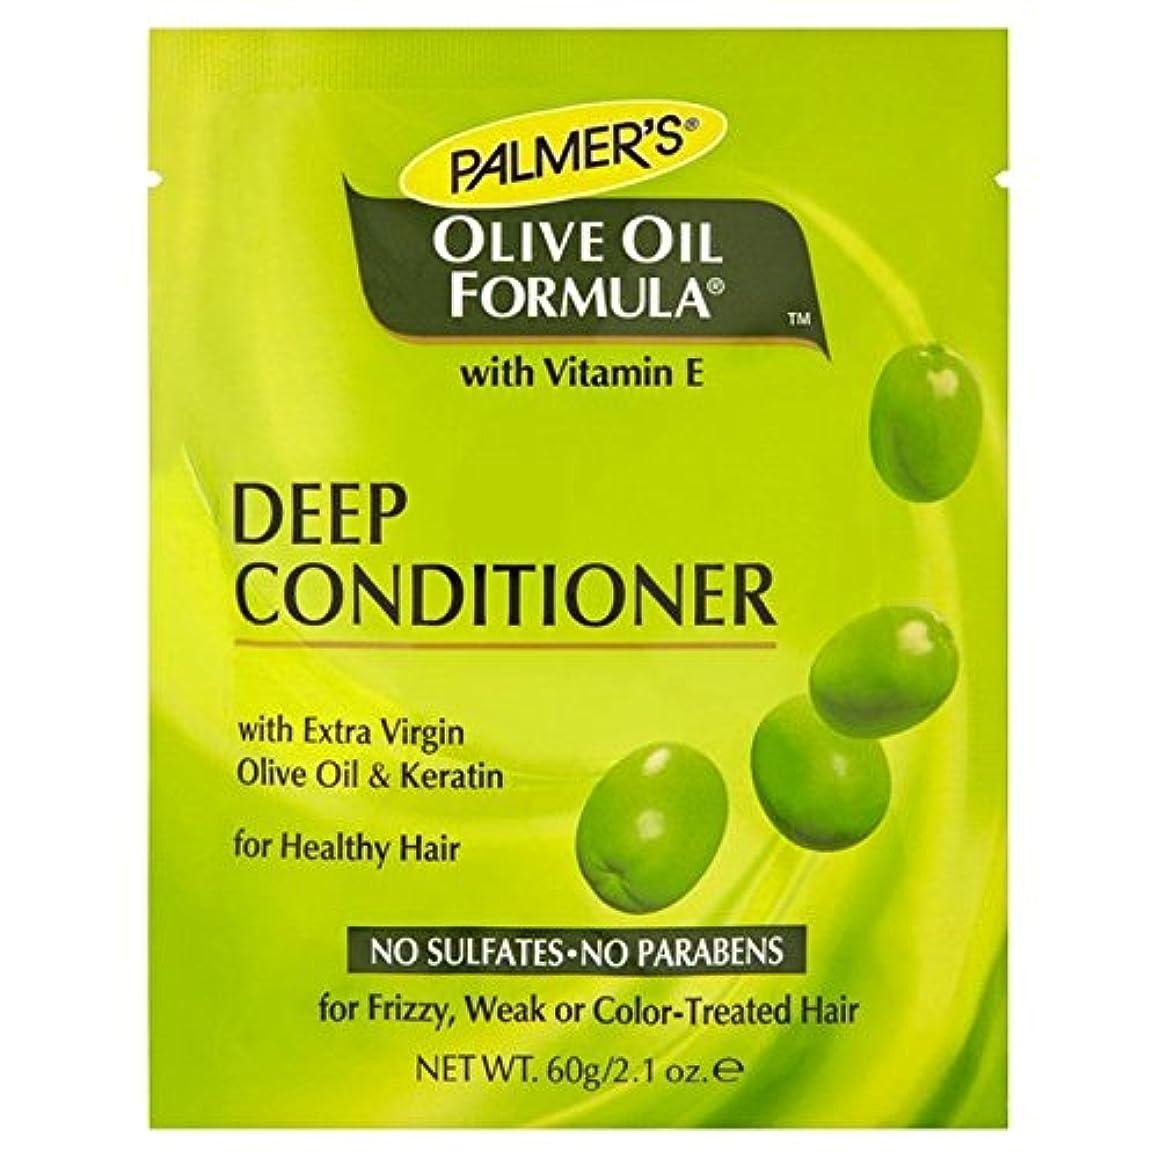 アクチュエータ無駄透明にPalmer's Olive Oil Formula Deep Conditioner Protein Pack 60g - パーマーのオリーブオイル式深いコンディショナータンパク質パック60グラム [並行輸入品]